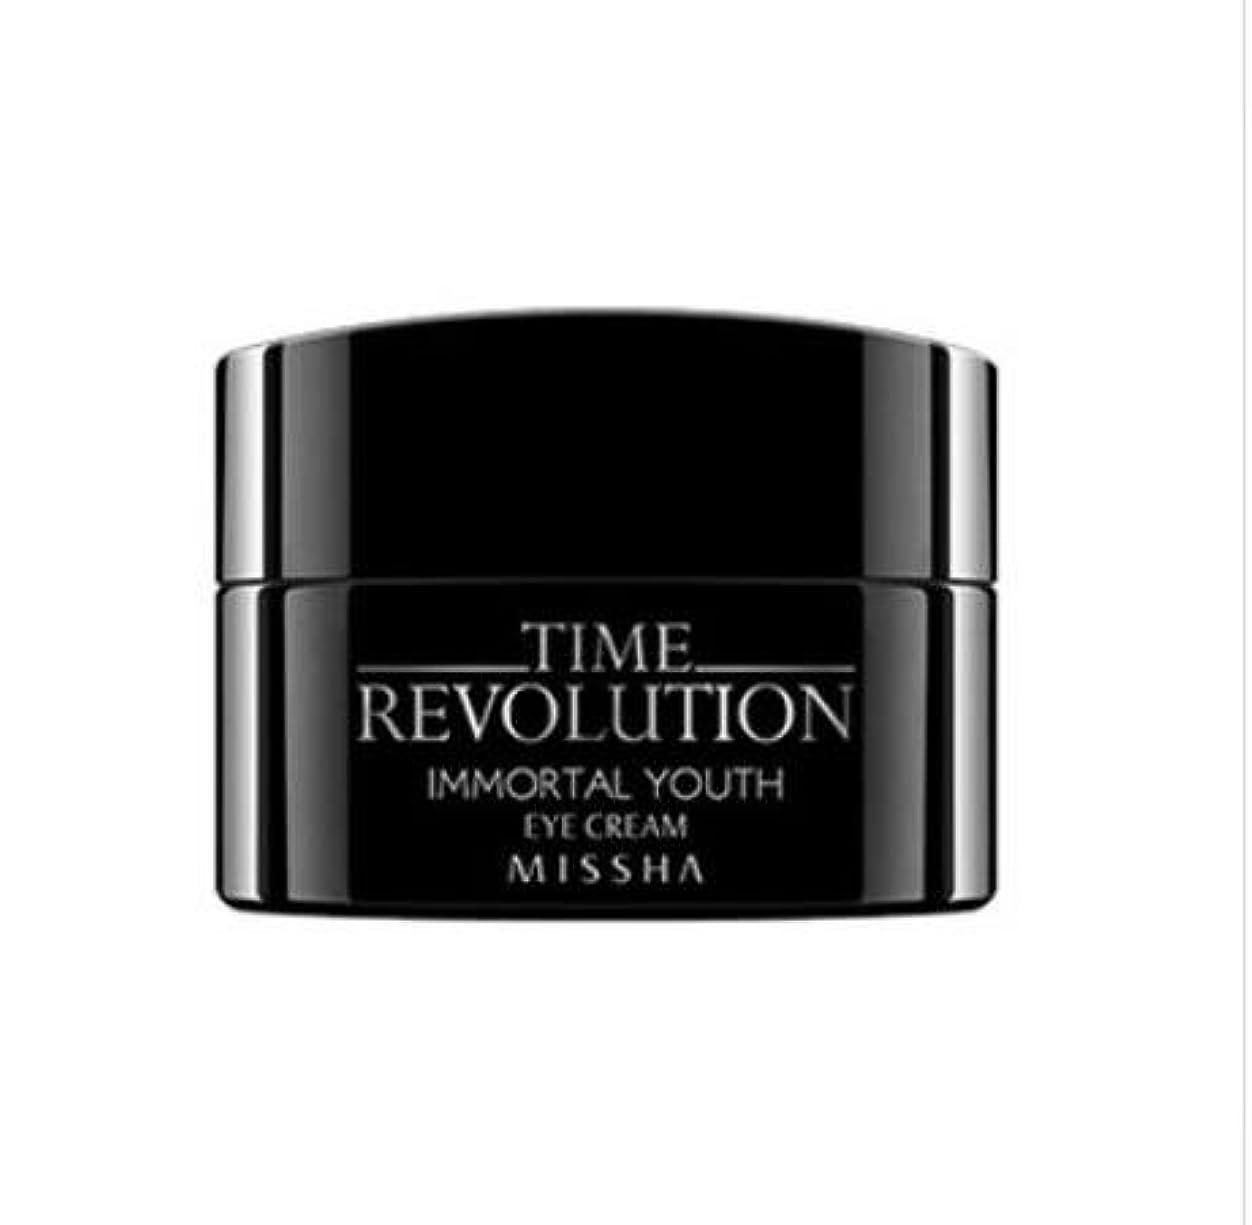 有力者助けになる朝ごはん[ミシャ] Missha [タイムレボリューション イモタルユース アイクリーム](MISSHA Time Revolution Immortal Youth Eye Cream) [並行輸入品]